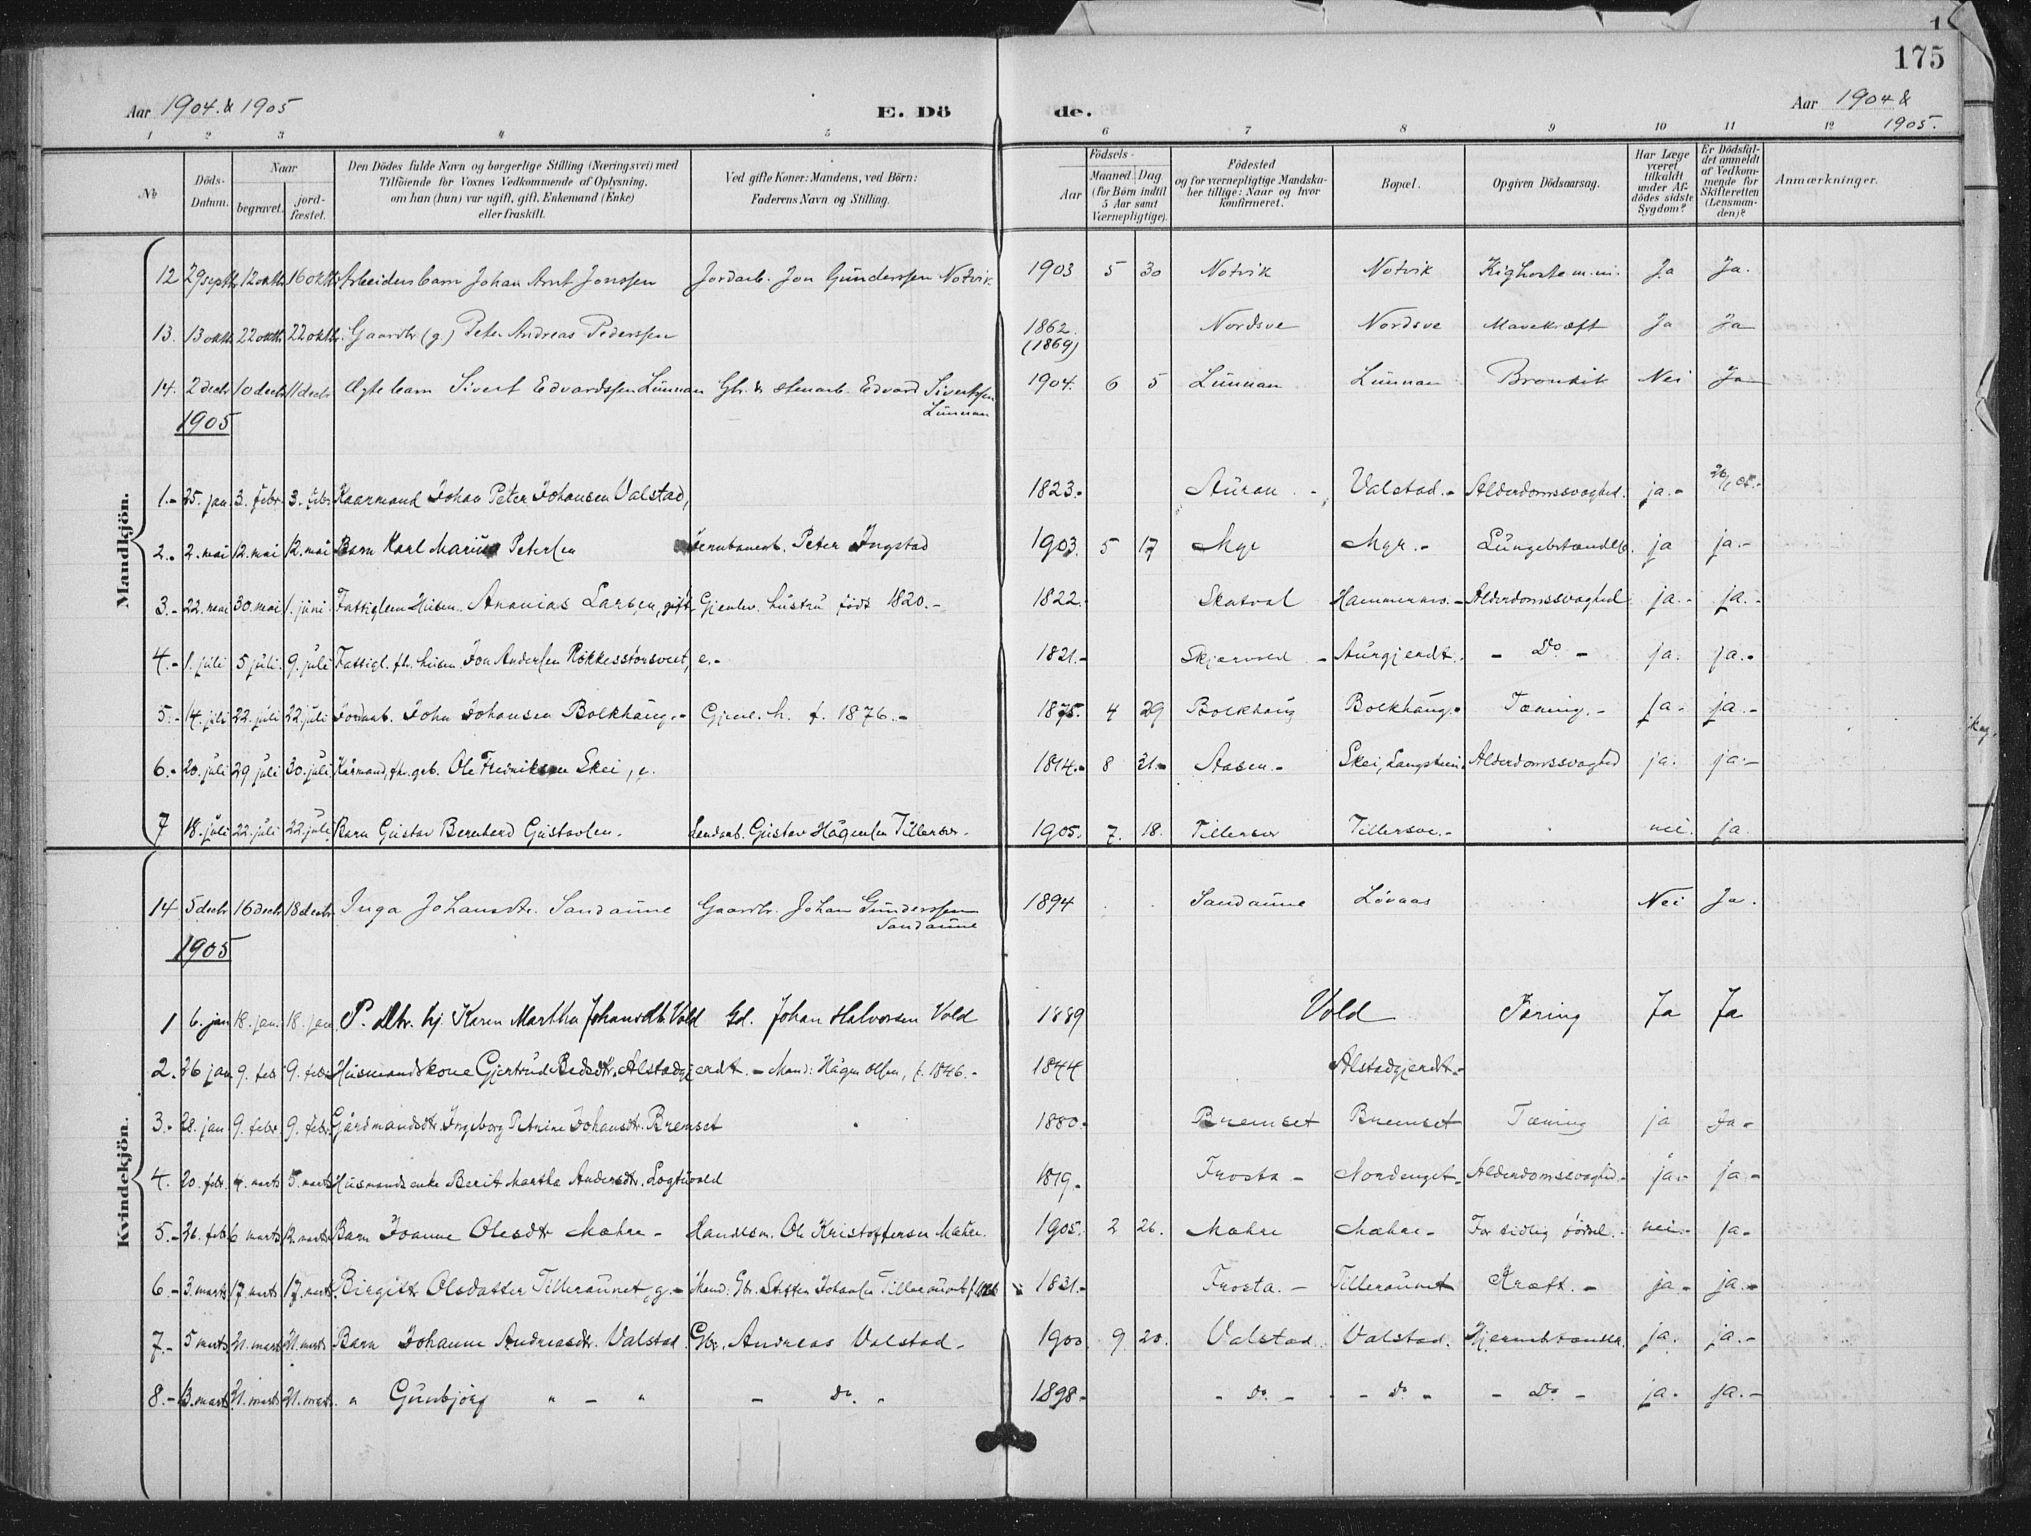 SAT, Ministerialprotokoller, klokkerbøker og fødselsregistre - Nord-Trøndelag, 712/L0101: Ministerialbok nr. 712A02, 1901-1916, s. 175